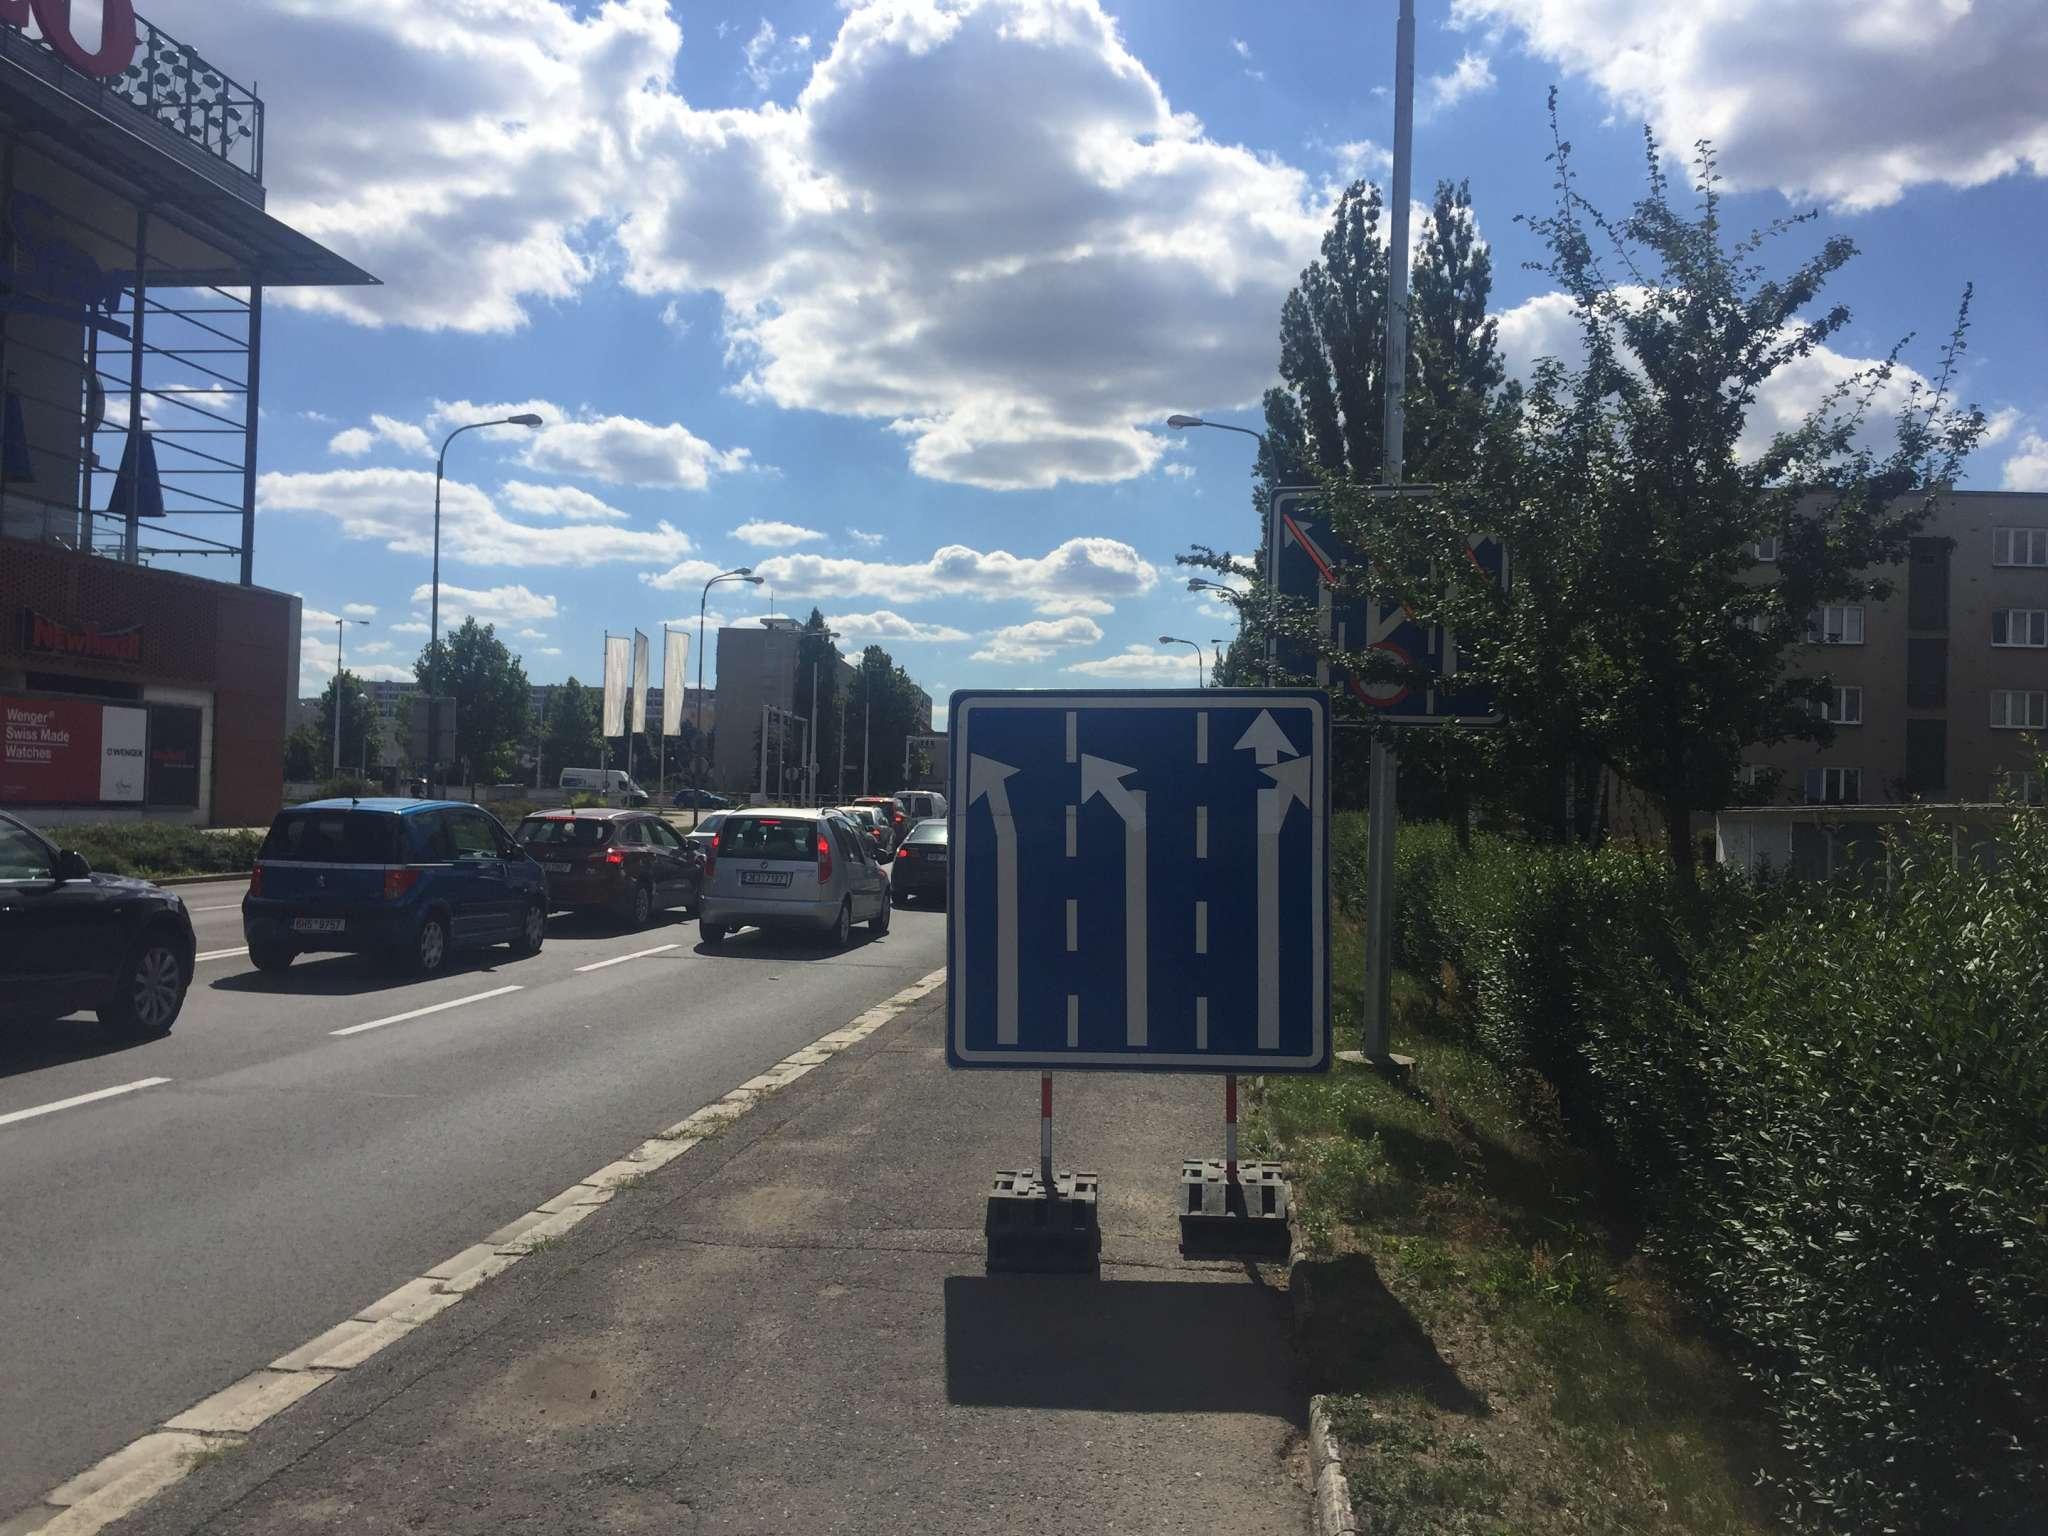 Oprava okružní křižovatky Brněnská - pondělí 2. července 2018 - Křižovatka U Futura